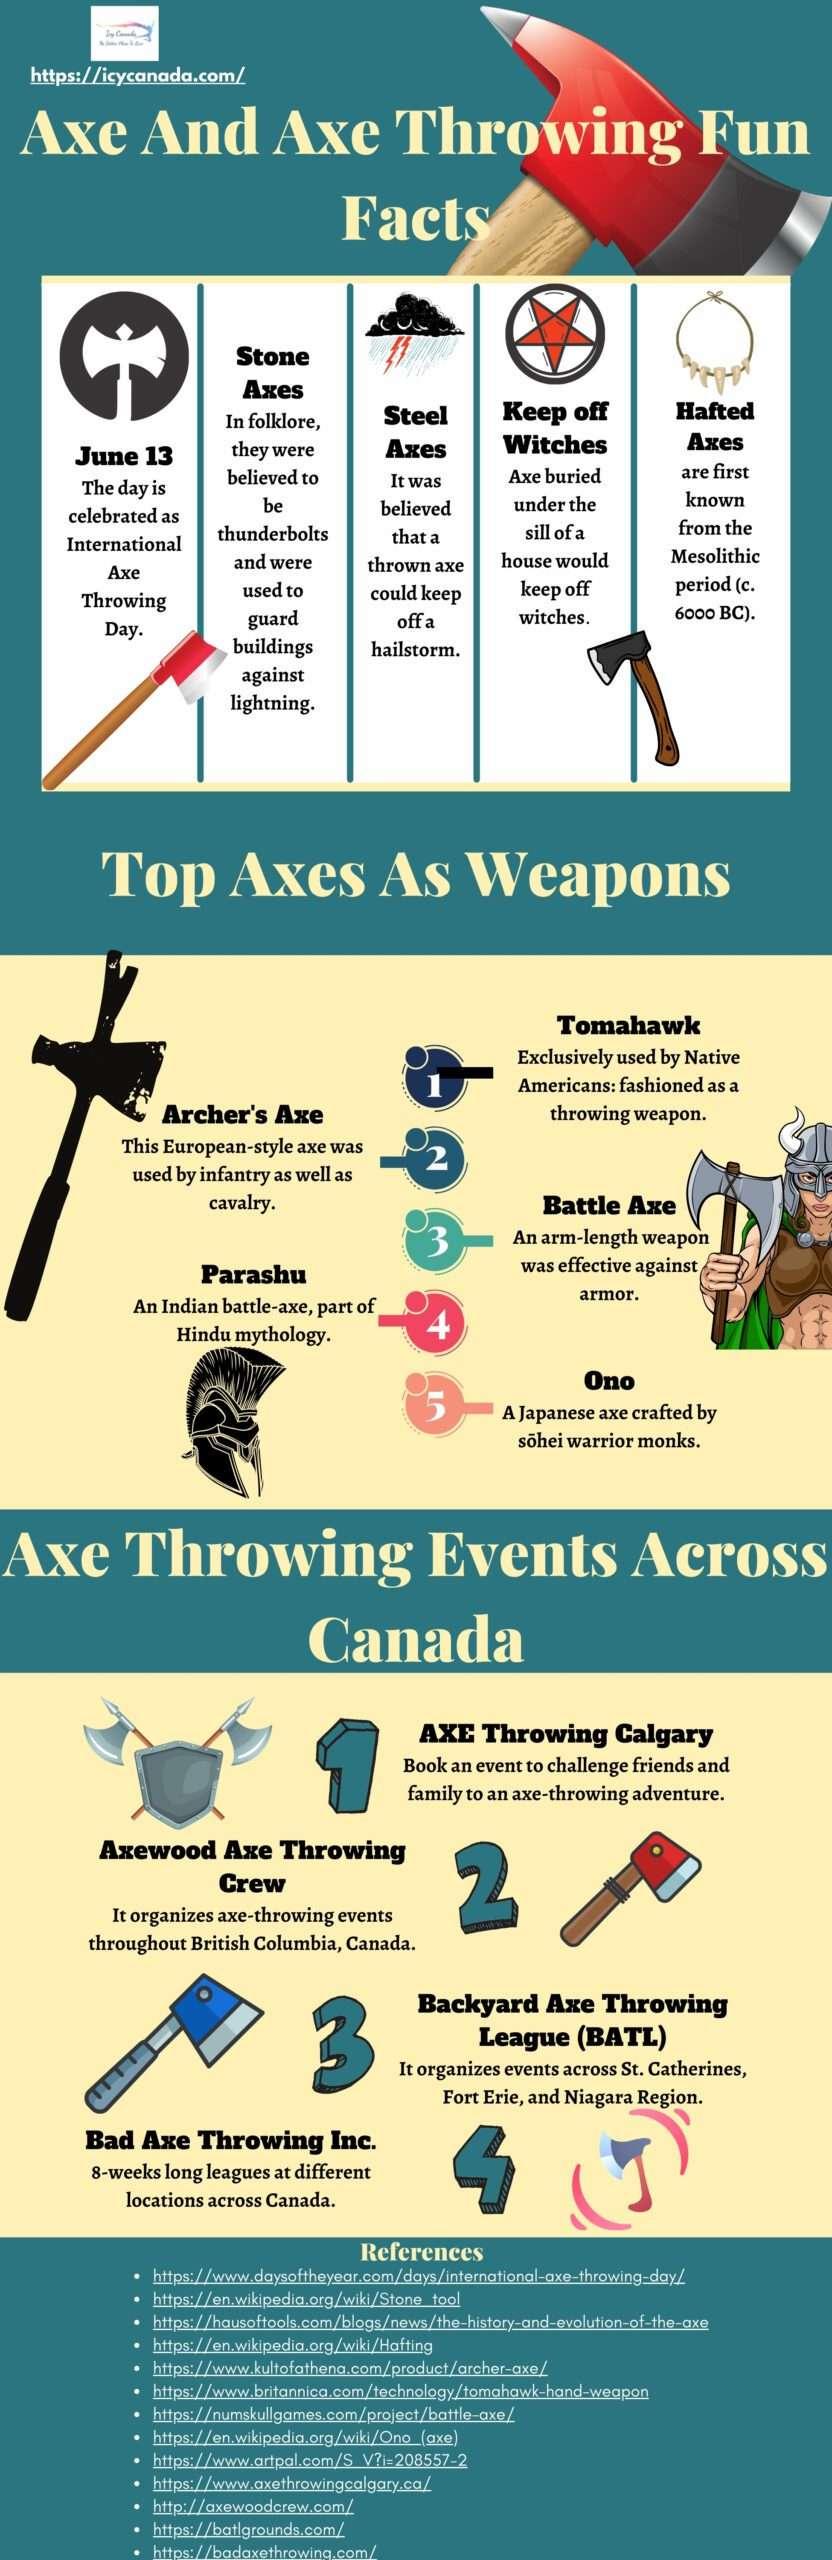 Axe And Axe Throwing Fun Facts